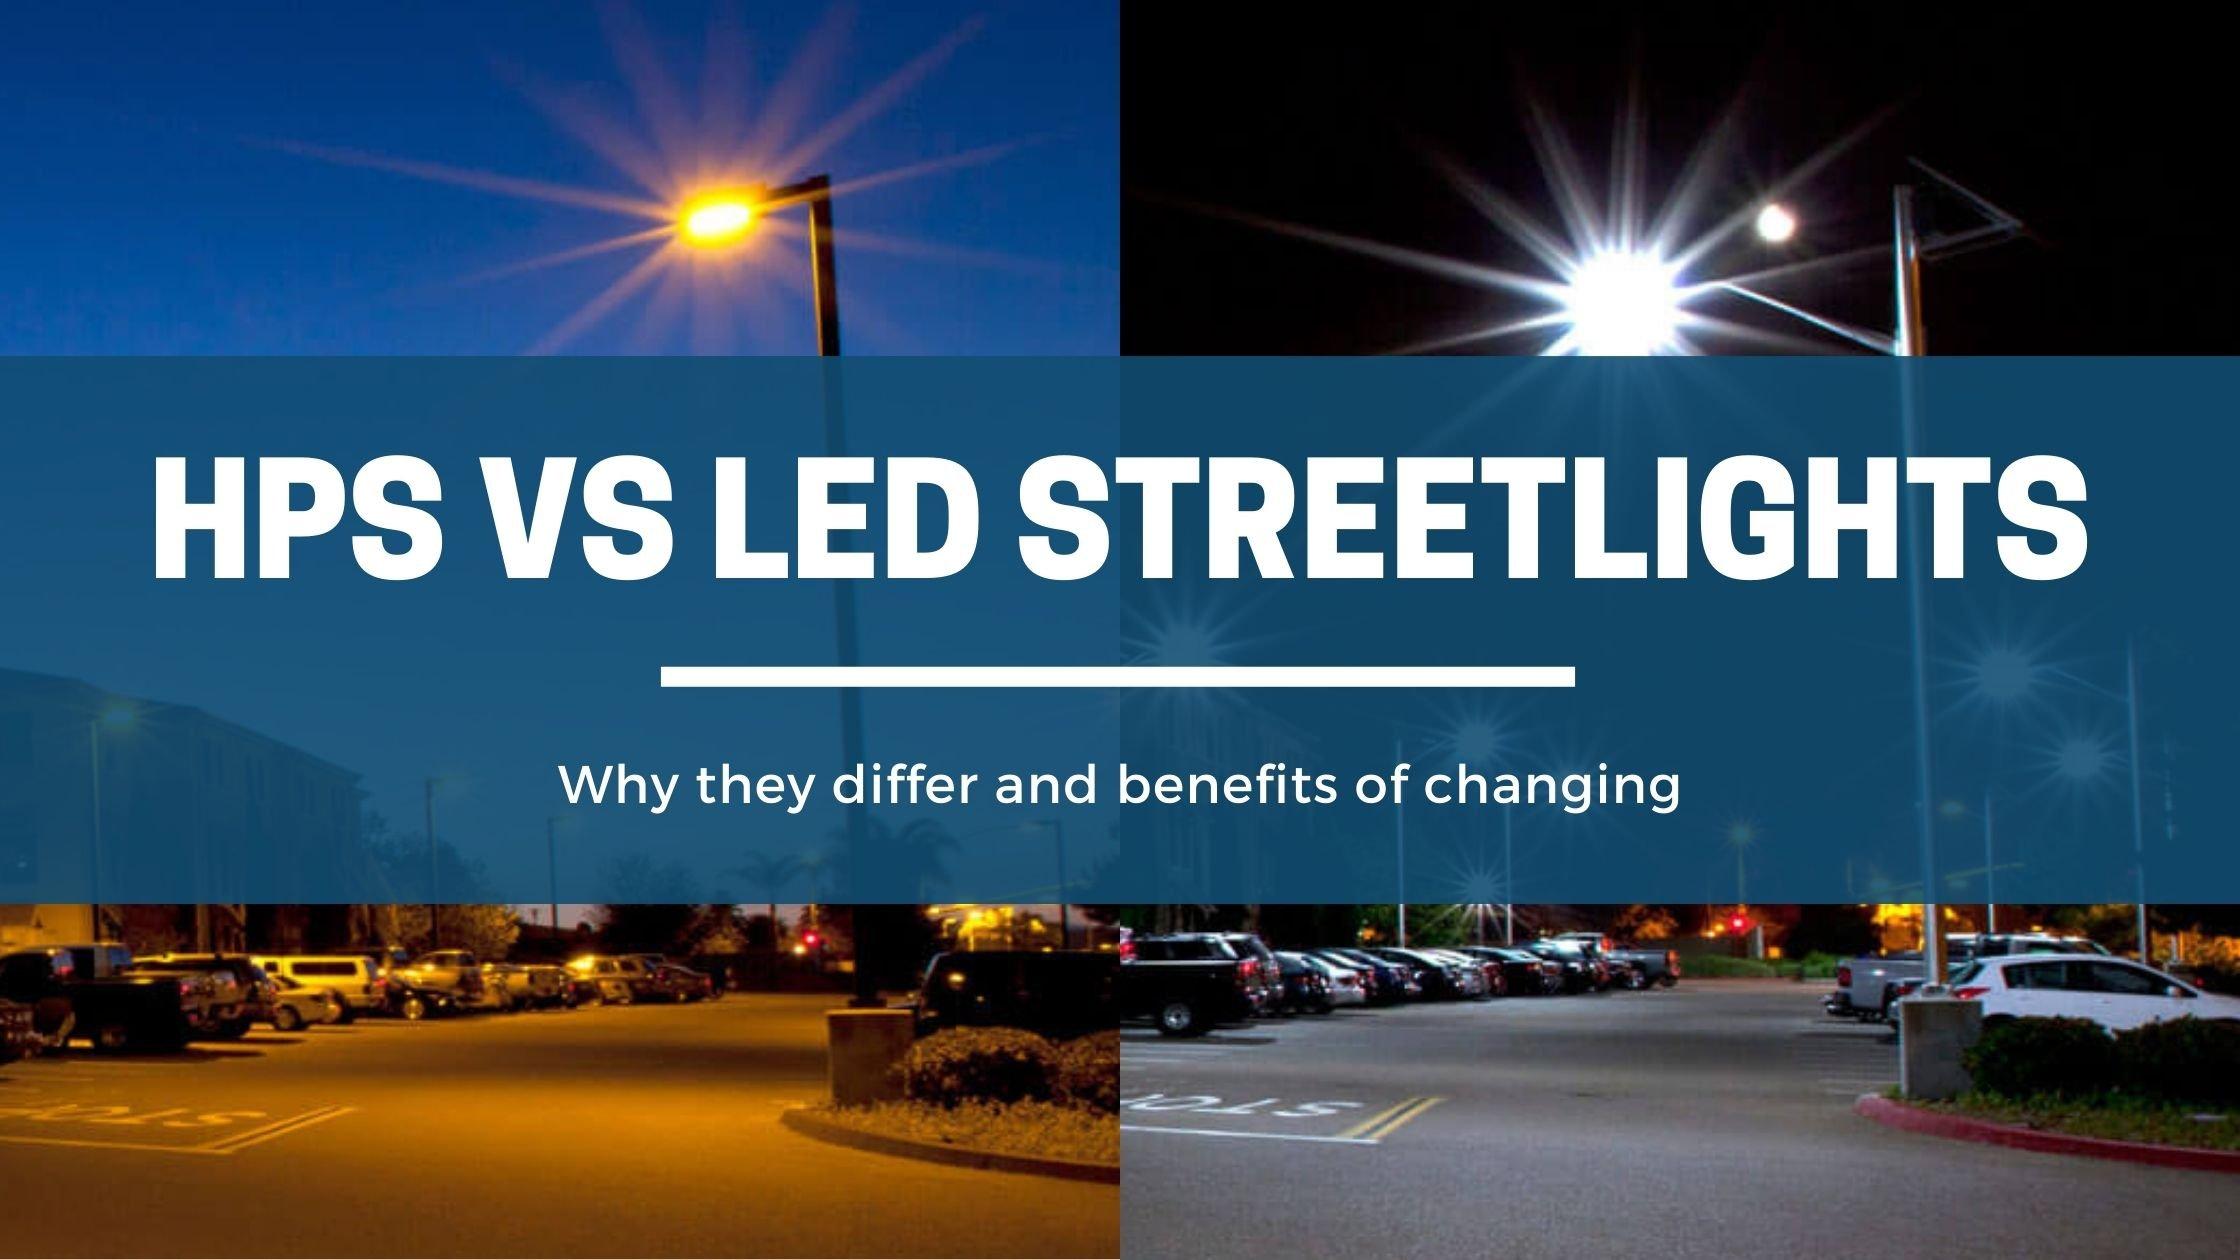 HPS vs LED Streetlights